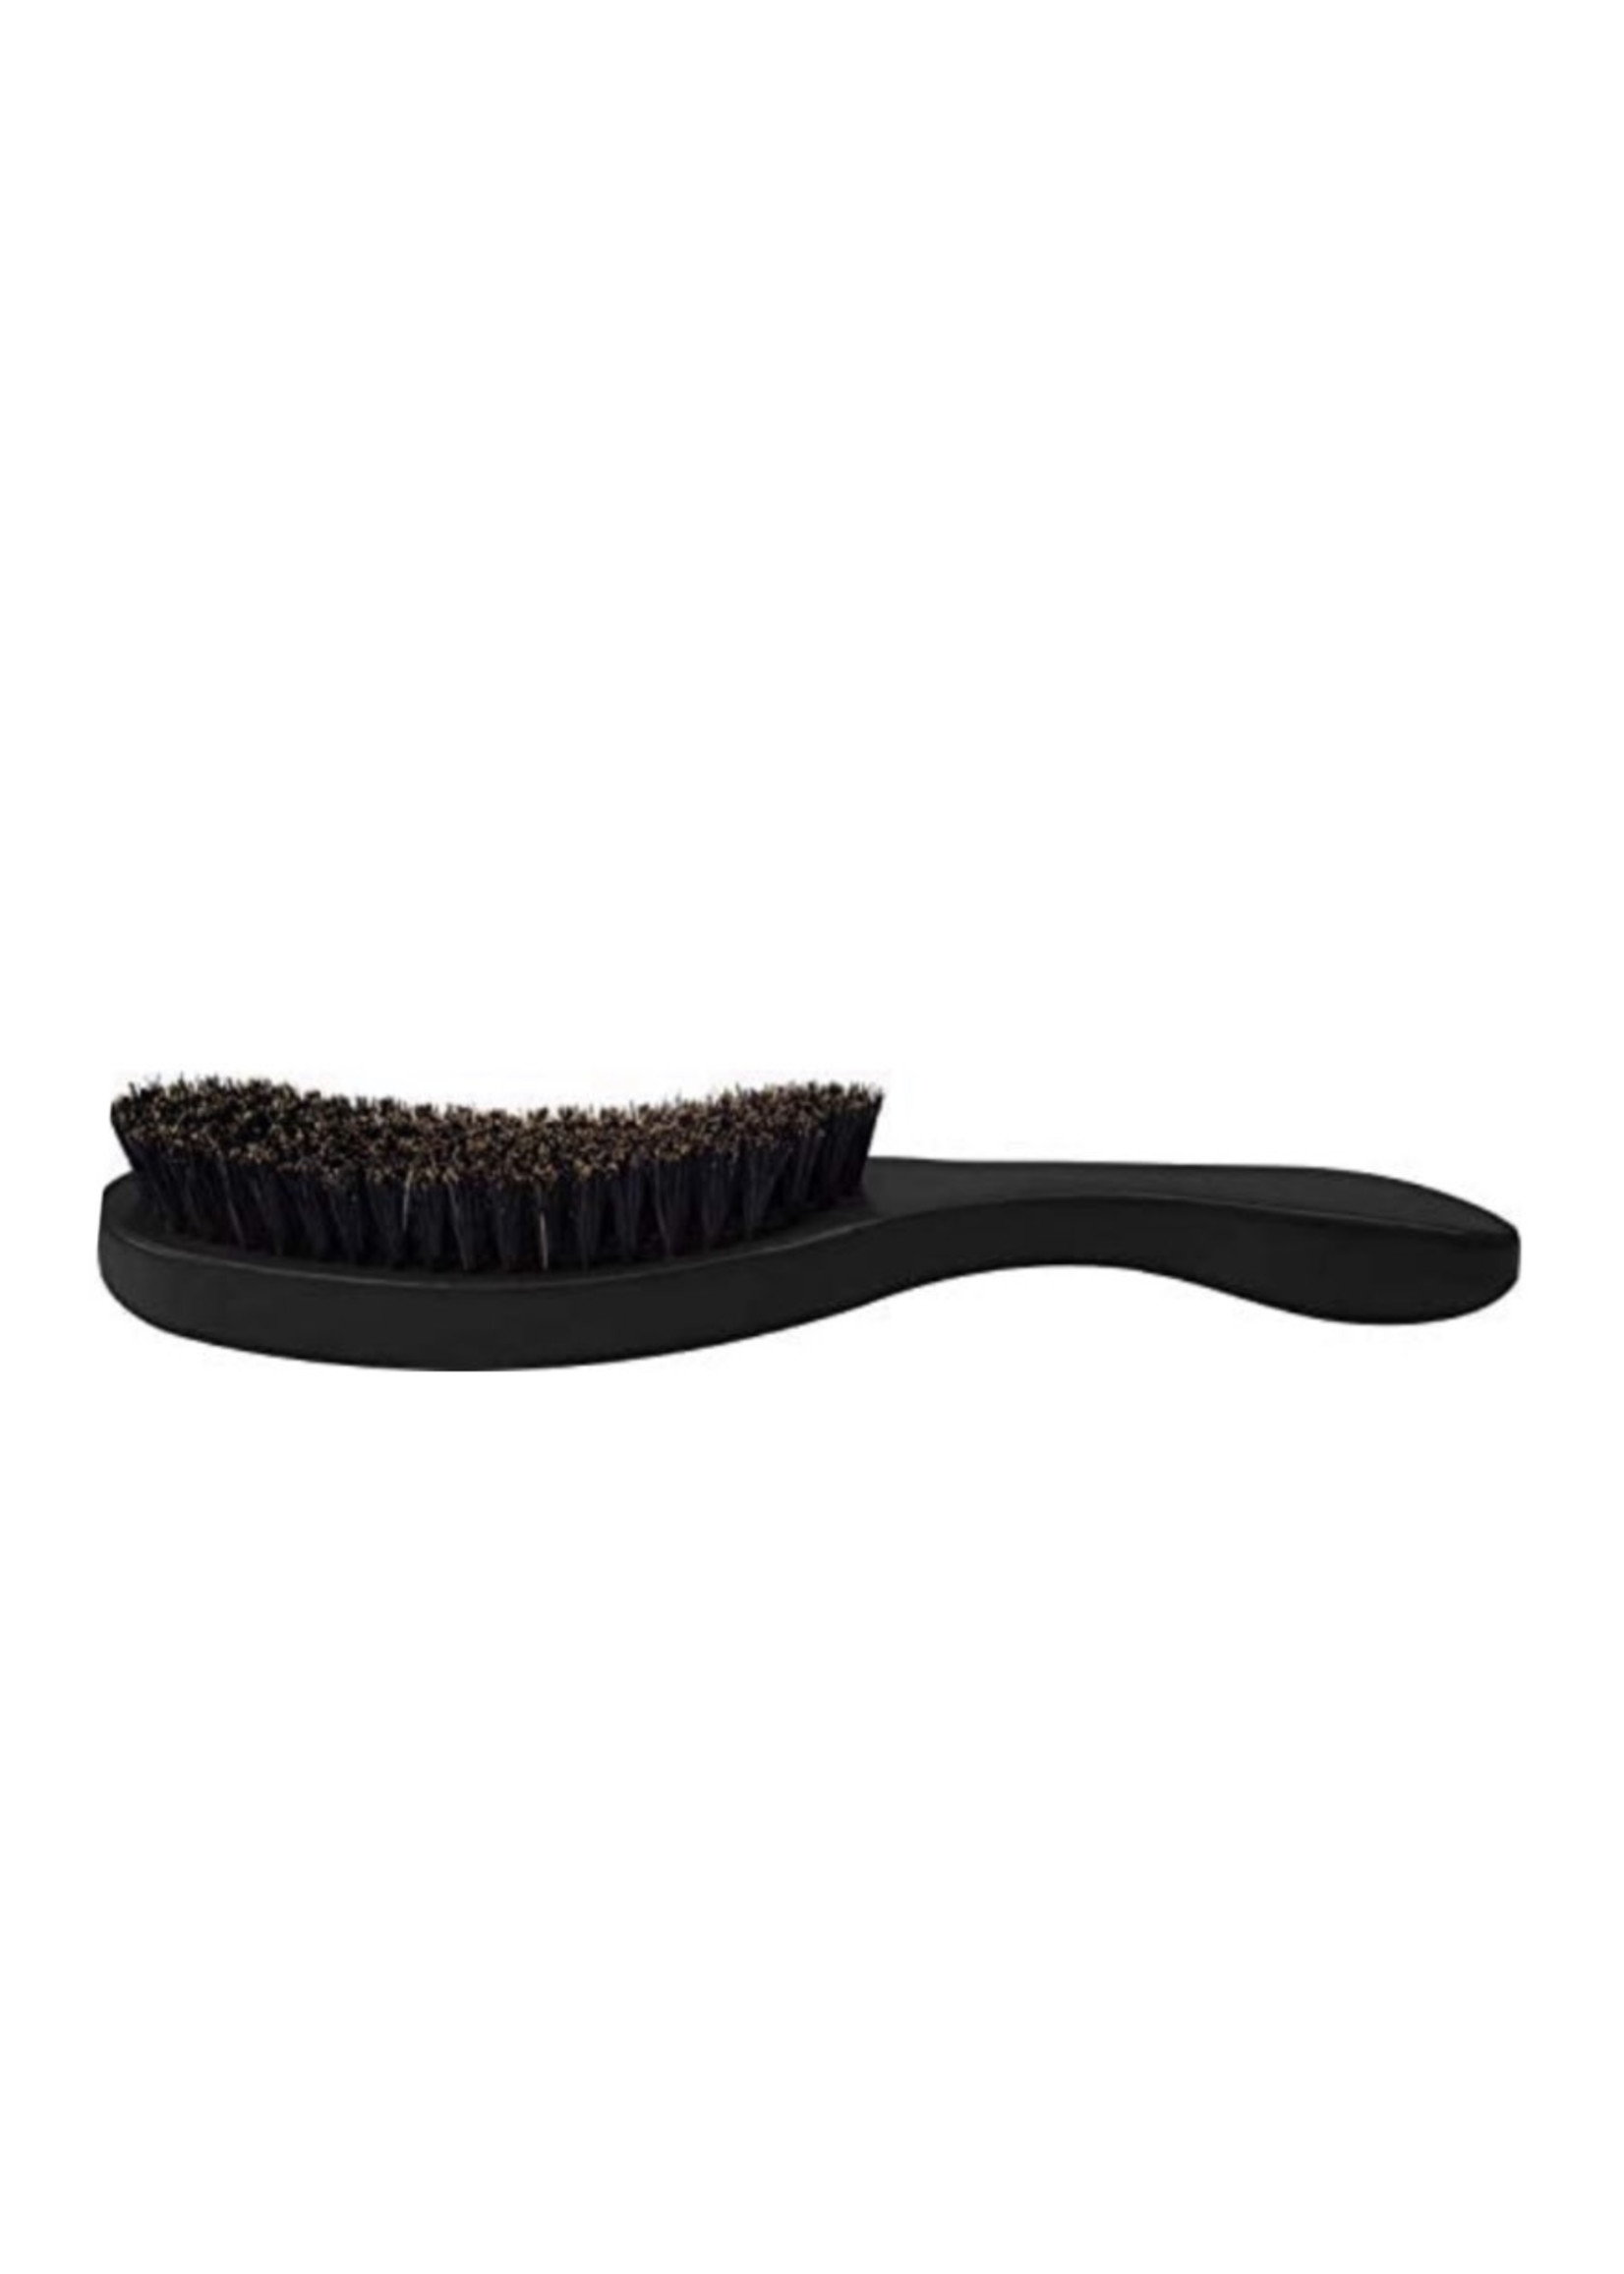 Vincent Vincent Wave Brush Medium- Black